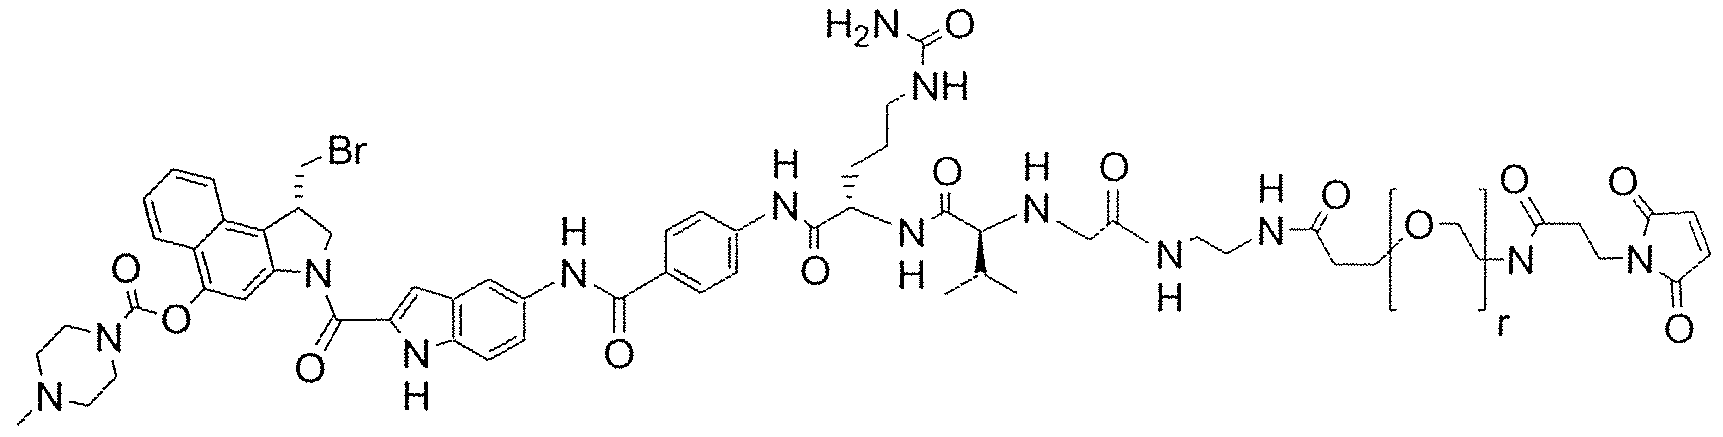 Figure imgf000143_0001